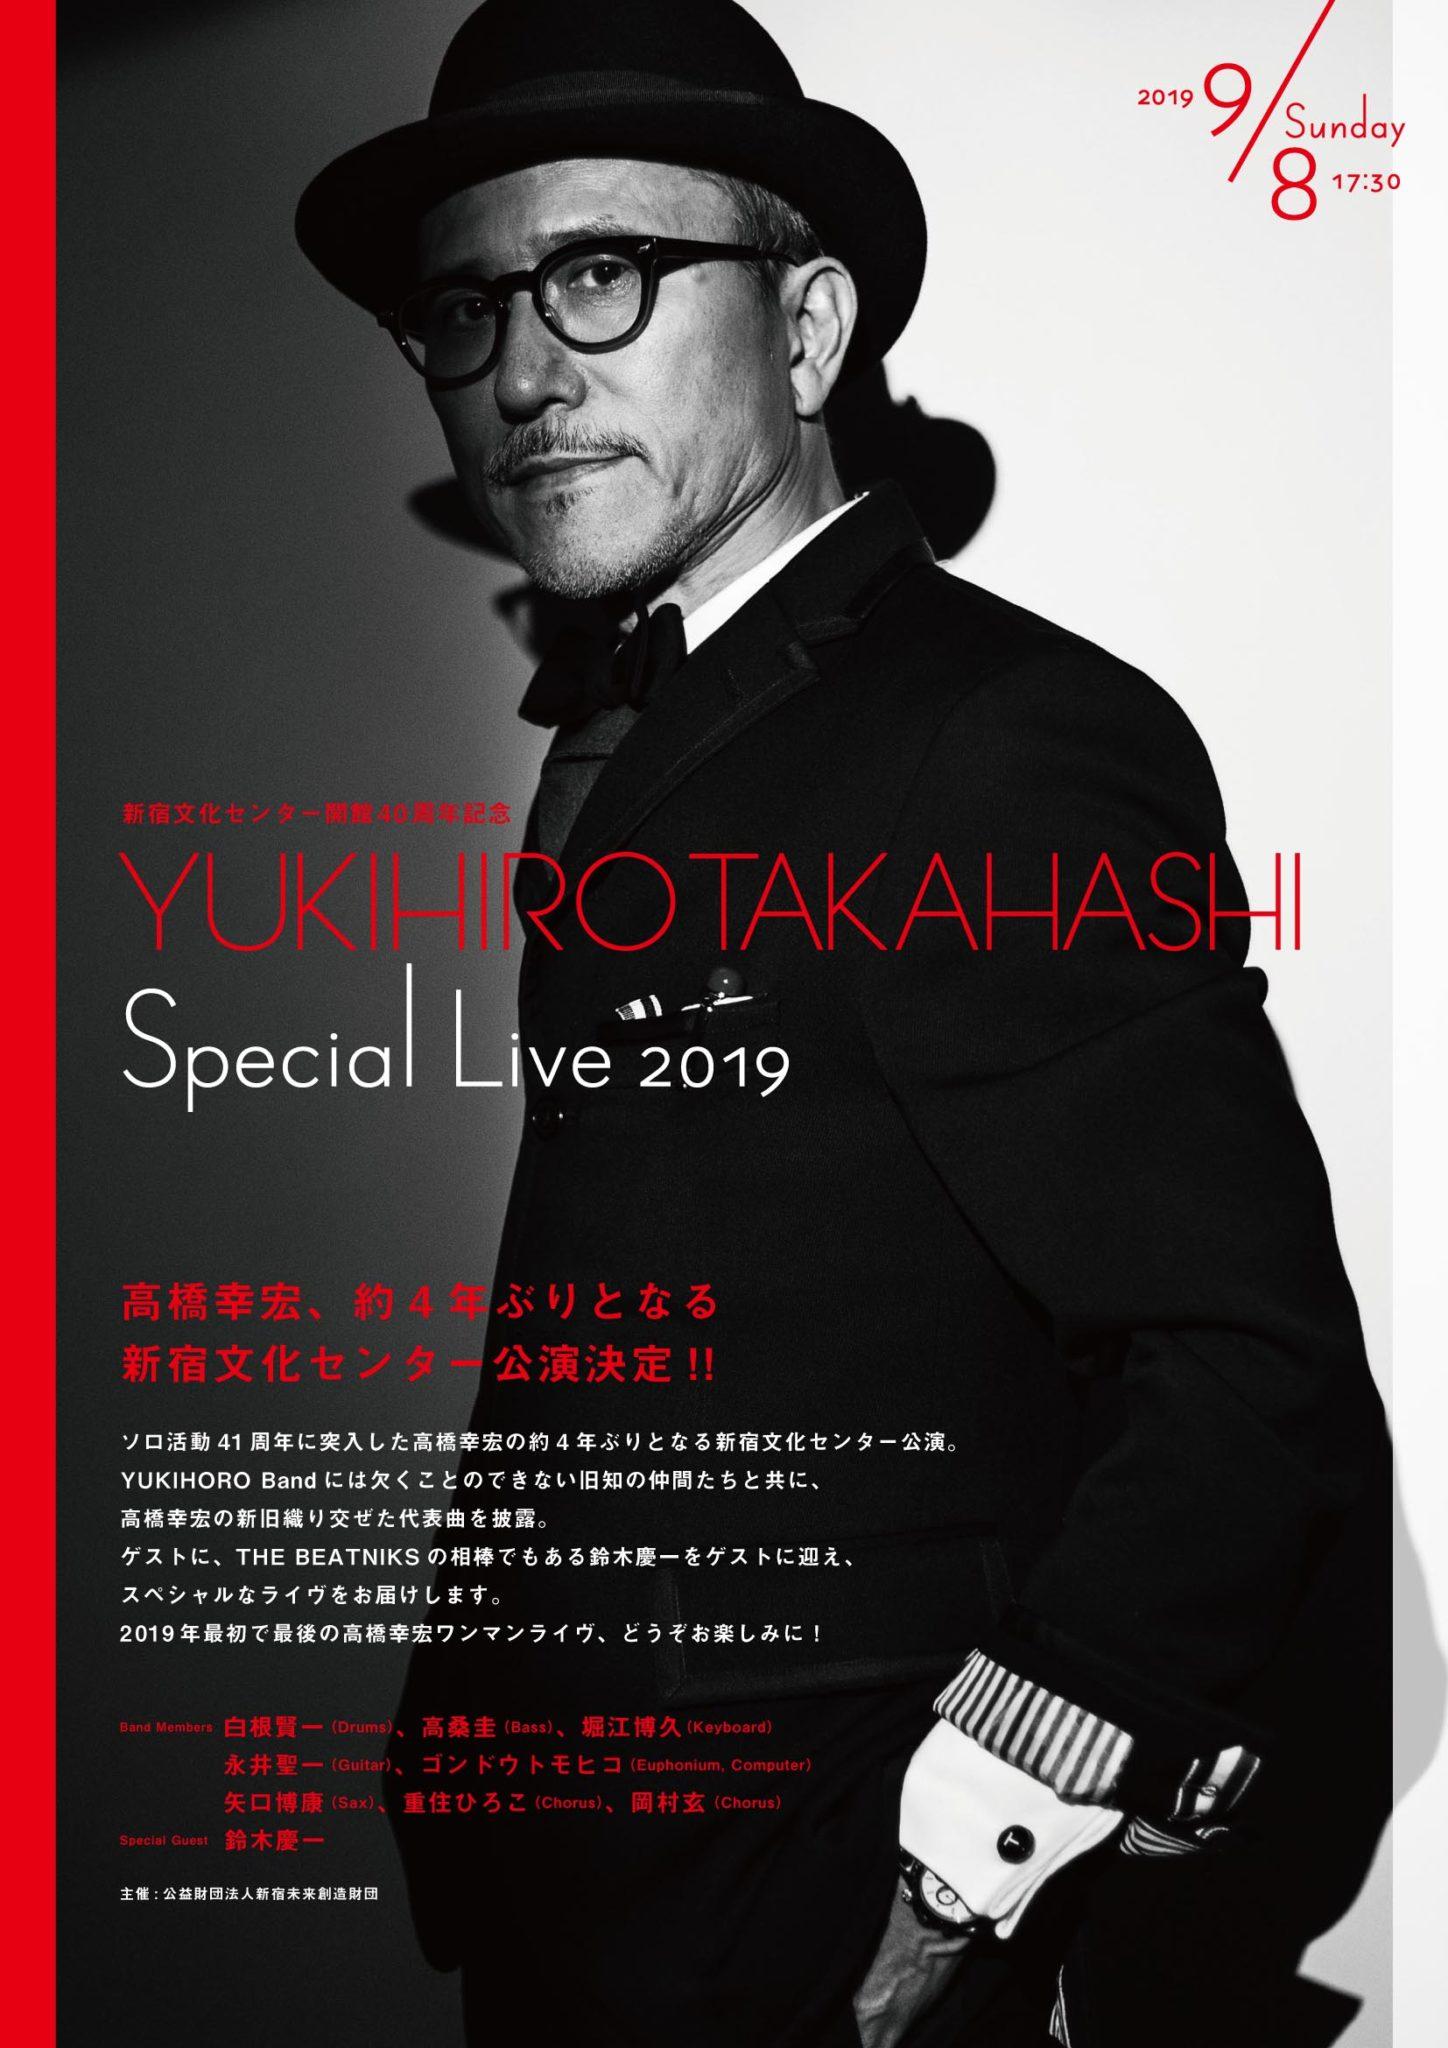 【完売】YUKIHIRO TAKAHASHI Special Live 2019